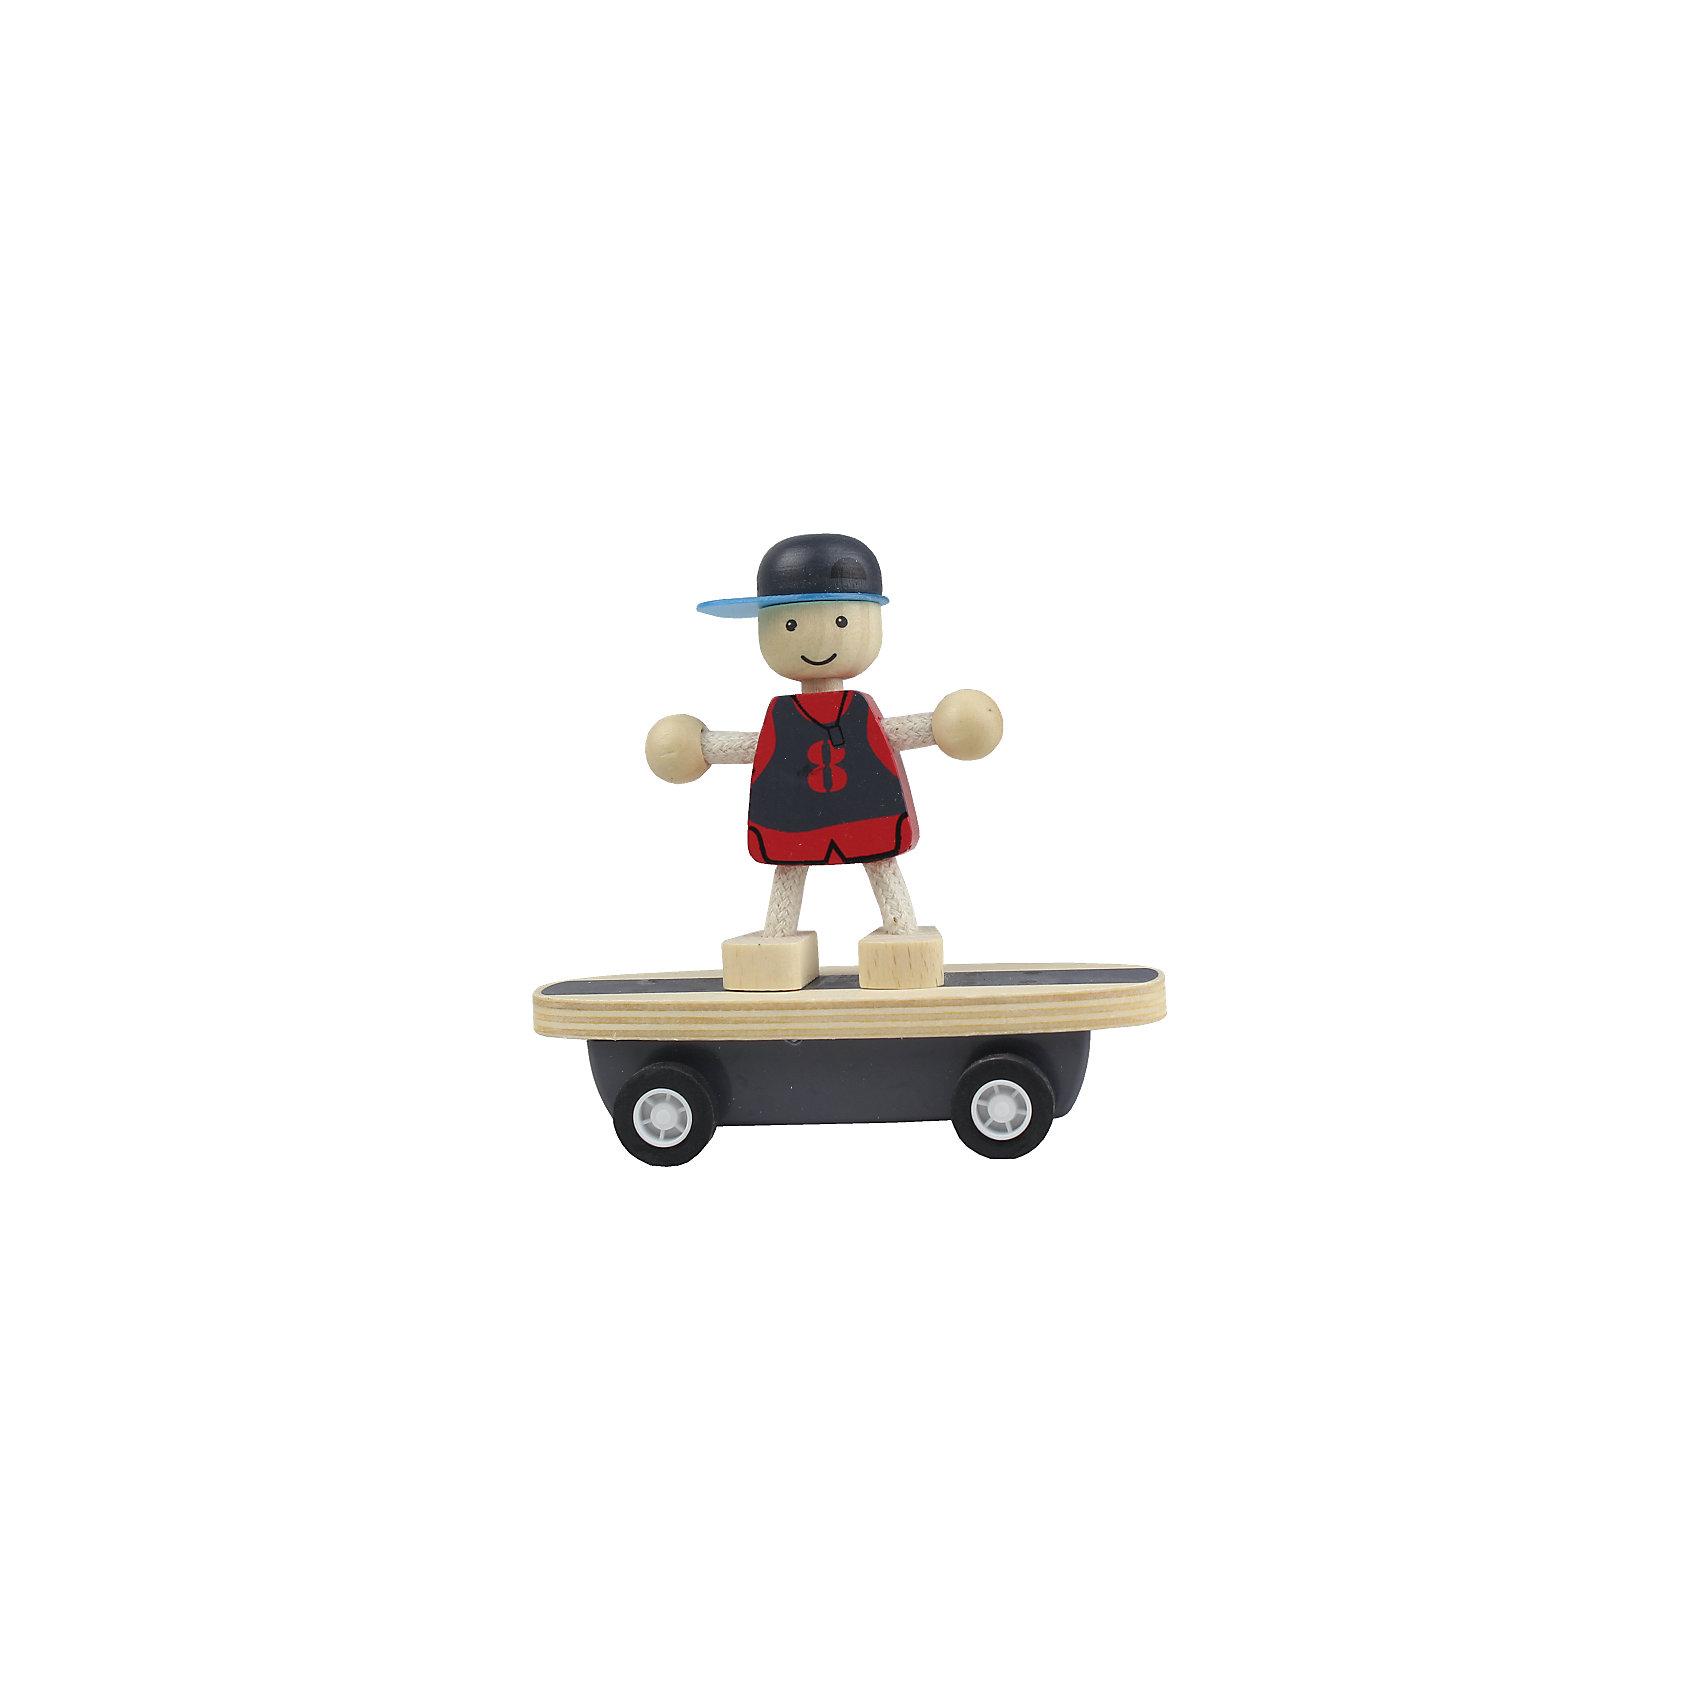 Скейтер, ZenitЗабавная деревянная игрушка Скейтер, Zenit, станет приятным сюрпризом для Вашего ребенка. Компания Zenit Wooden Toys - всемирно известный производитель высококачественных товаров из дерева. Все детские товары этой марки отвечают самым высоким стандартам качества и безопасности. В набор входит деревянная доска-скейт на колесиках и веселый человечек, который с Вашей помощью будет выделывать головокружительные трюки. Все детали округлой формы, без острых углов, очень удобны для ручек малыша. Игрушка развивает фантазию и воображение, тренирует ловкость и мелкую моторику.<br><br>Дополнительная информация:<br><br>- В комплекте: доска-скейт, фигурка.<br>- Материал: древесина, ДСП.<br>- Размер упаковки: 16 x 12,5 x 8,5 см. <br>- Вес: 150 гр. <br><br>Скейтер, Zenit, можно купить в нашем интернет-магазине.<br><br>Ширина мм: 160<br>Глубина мм: 125<br>Высота мм: 85<br>Вес г: 150<br>Возраст от месяцев: 36<br>Возраст до месяцев: 96<br>Пол: Унисекс<br>Возраст: Детский<br>SKU: 4248714